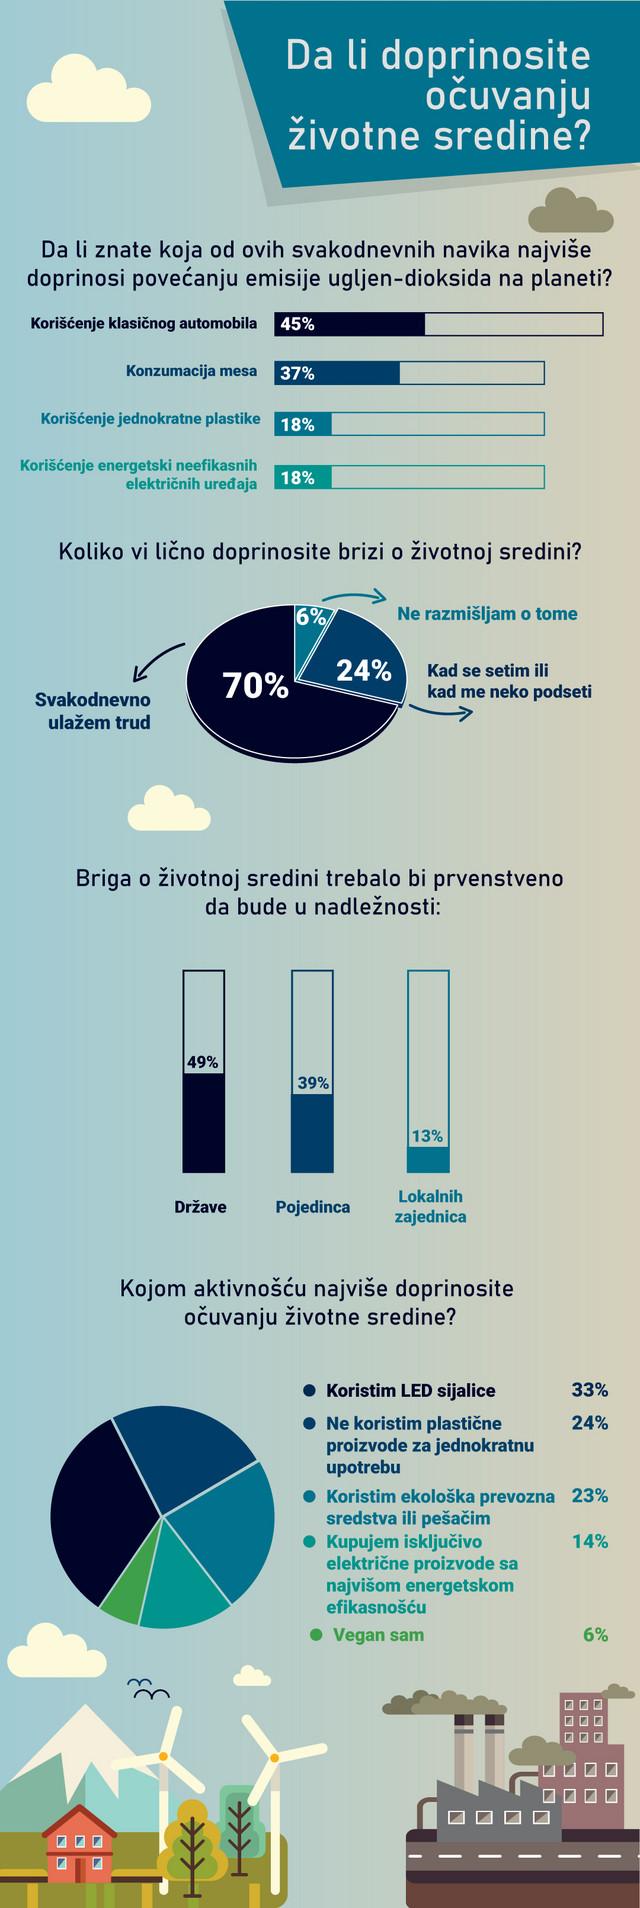 U anketi su učestvovali čitaoci blic.rs